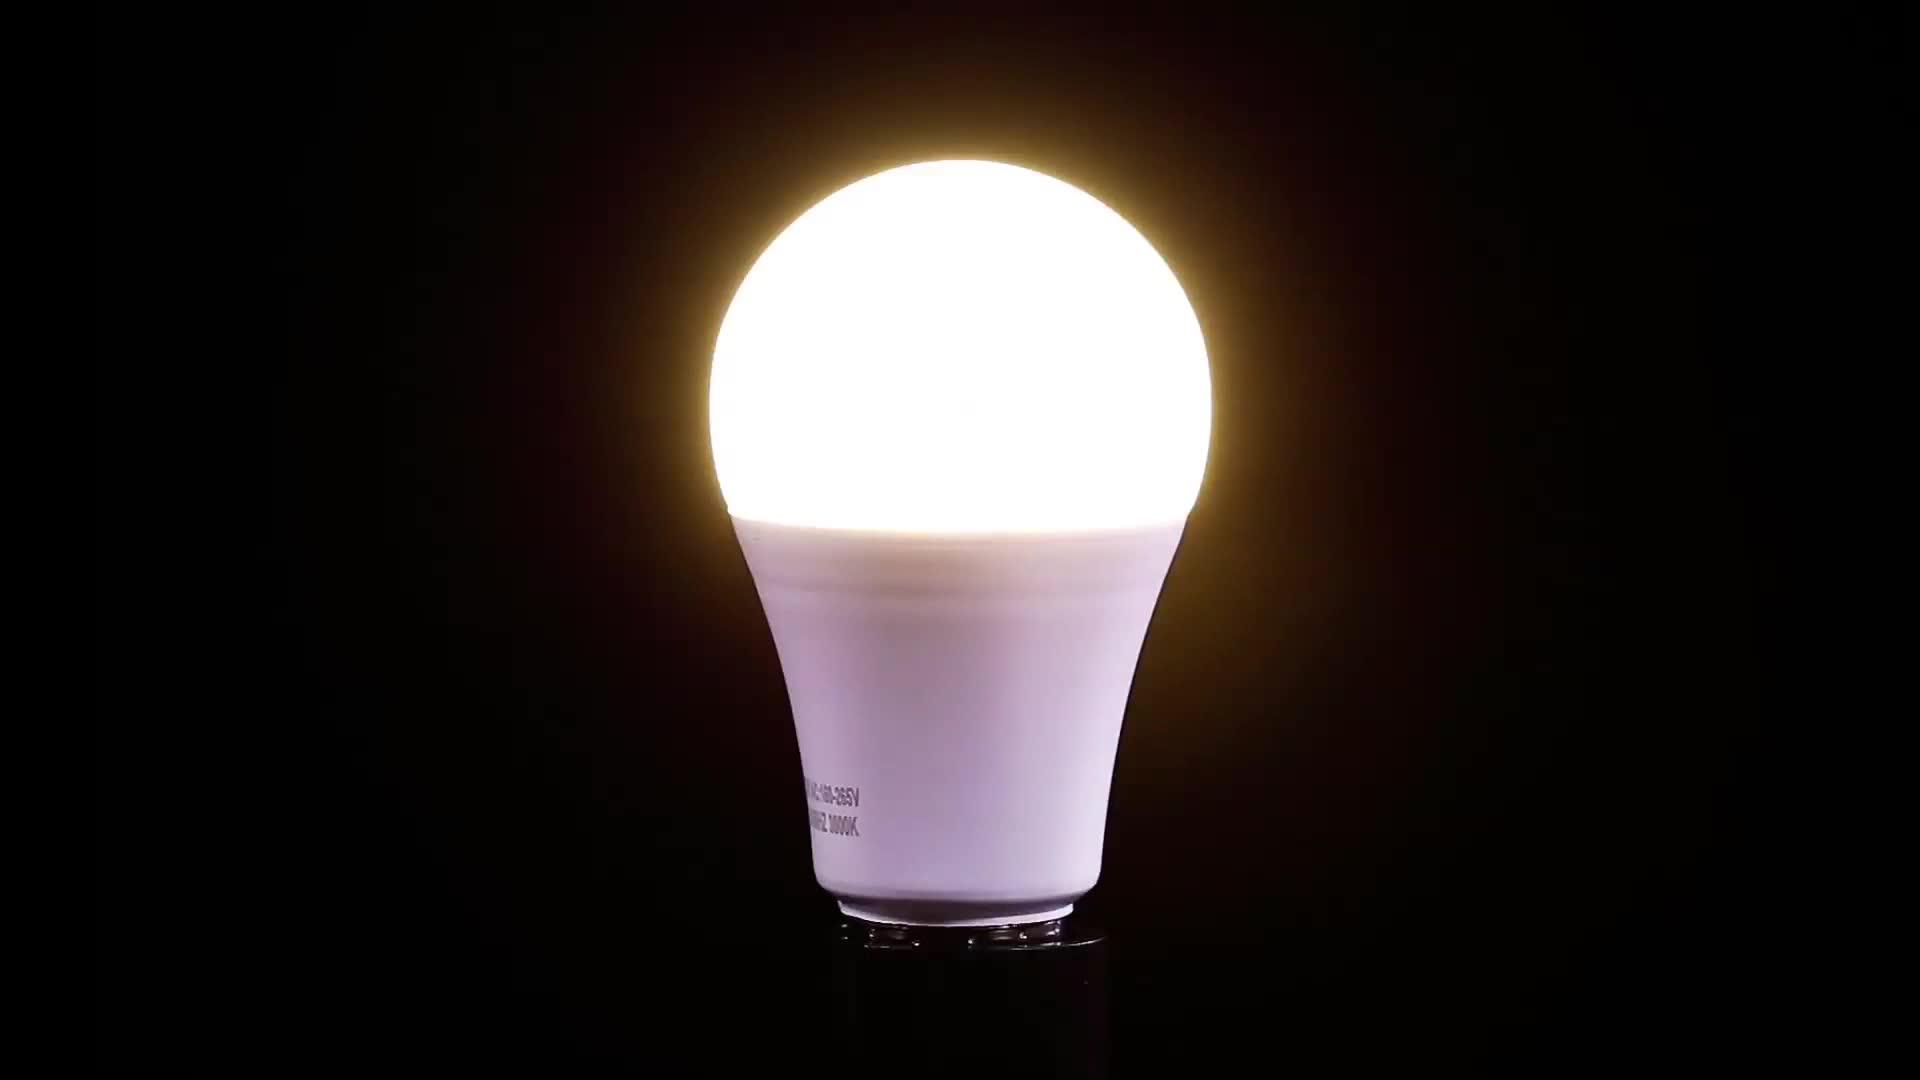 Trung quốc mẫu Miễn Phí 9W 12W giá rẻ nhà ở giá smd B22 E14 E27 led ánh sáng bóng đèn, bóng đèn led đèn led, đèn led